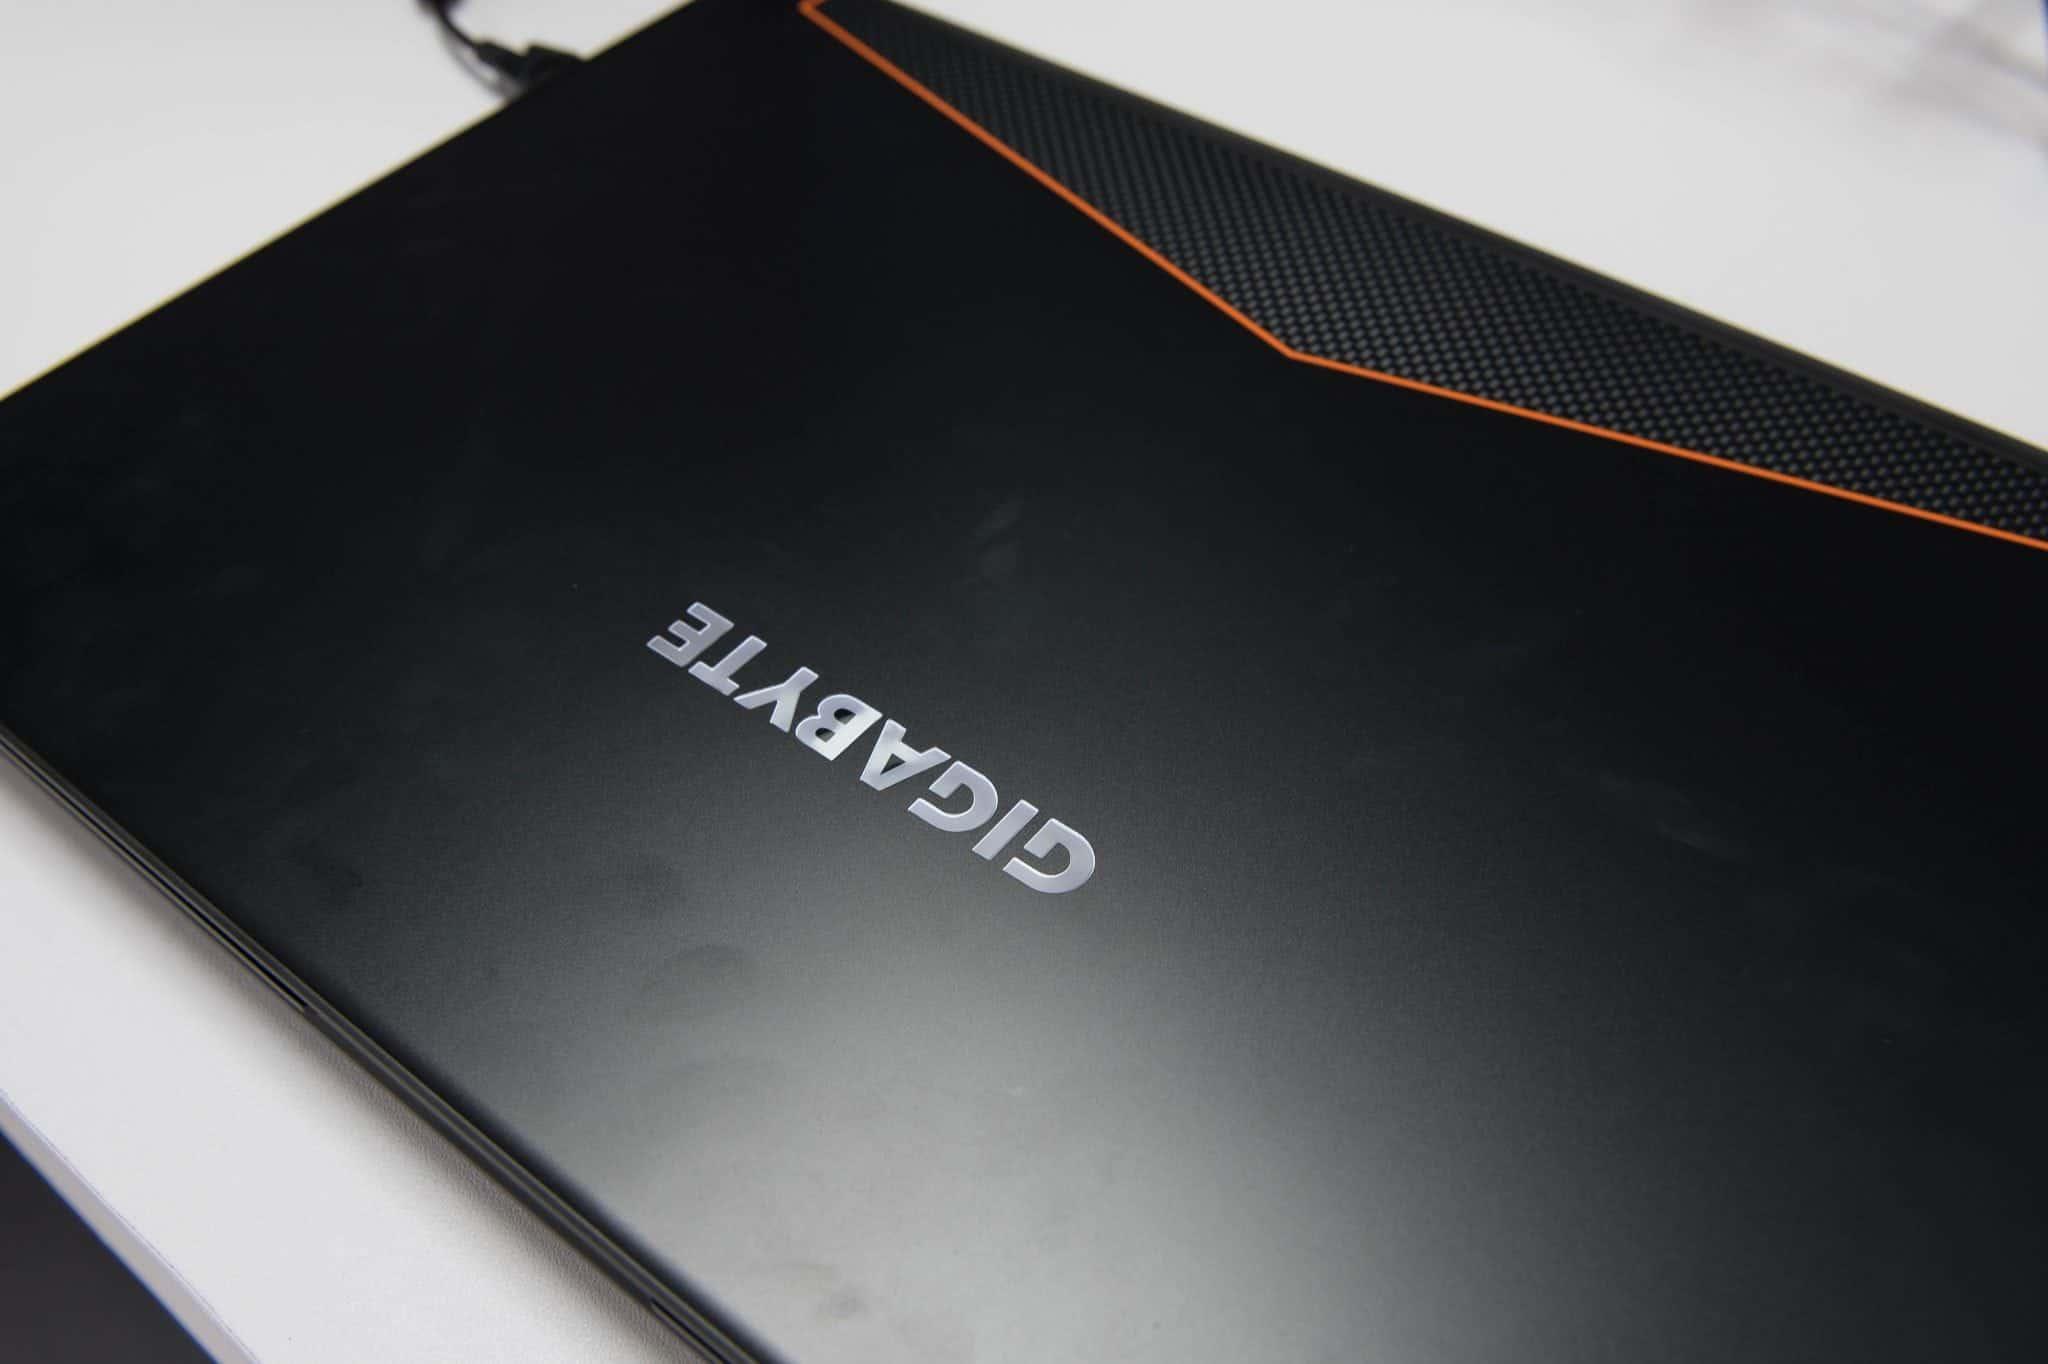 Computex 電腦展重點整理  - 電競與電腦廠商的較勁(一) 9